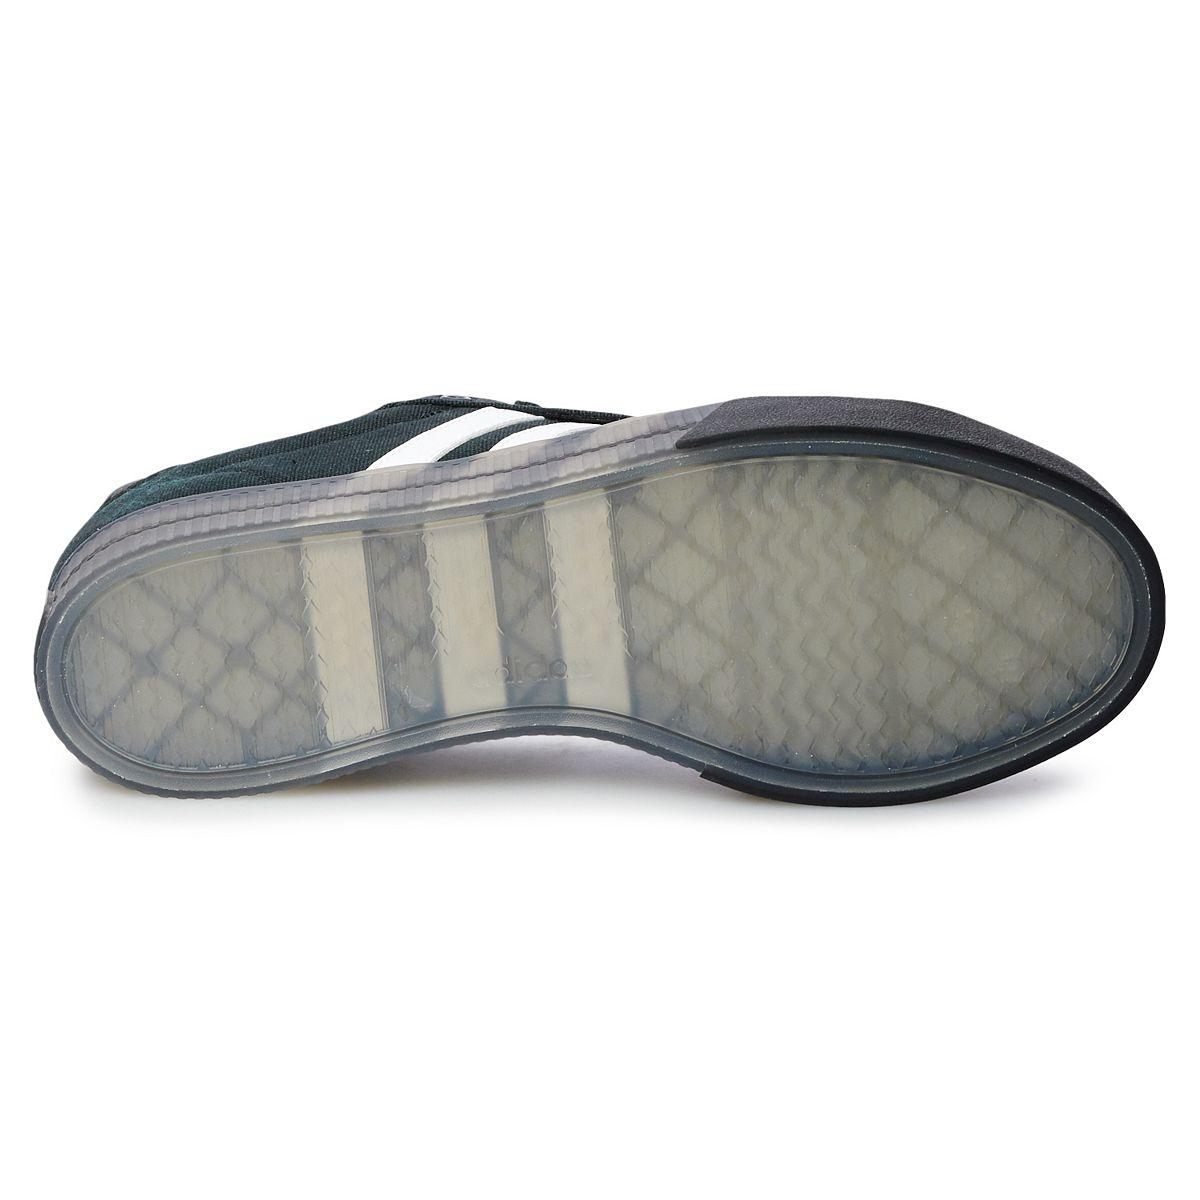 adidas Daily 3.0 Men's Sneakers Indigo White Black 4dHRo